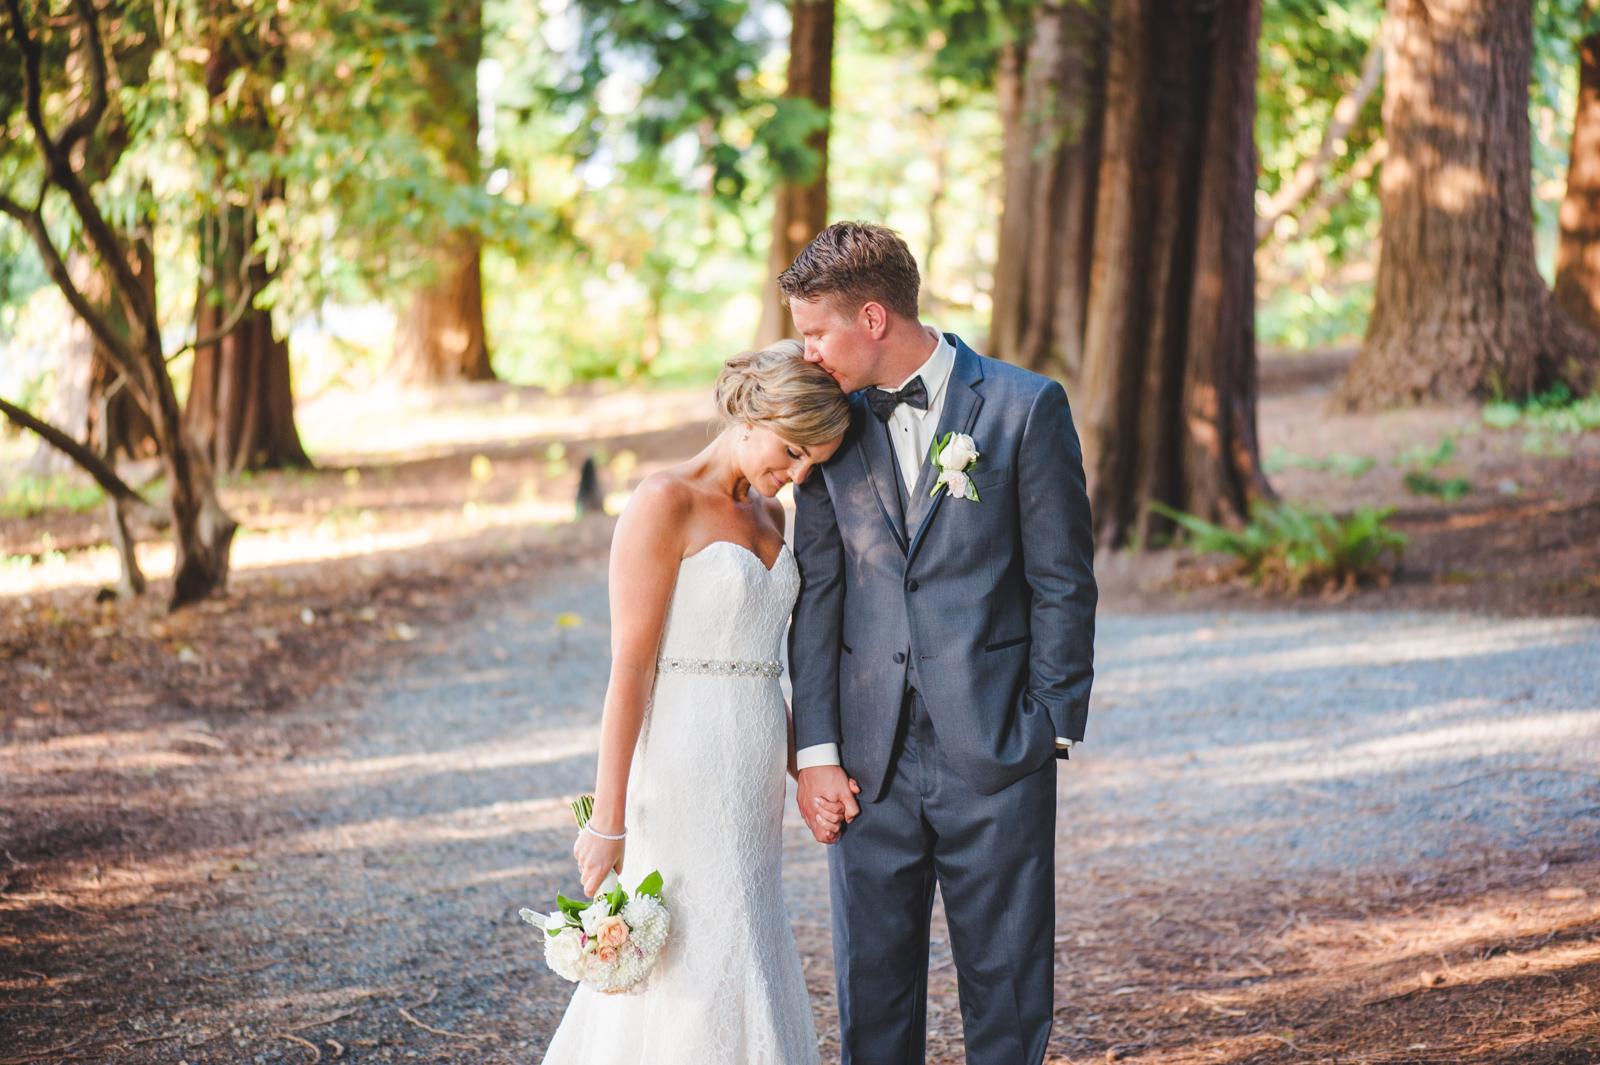 victoria-wedding-photographers-ubc-rose-garden-sage-bistro-wedding-43.jpg